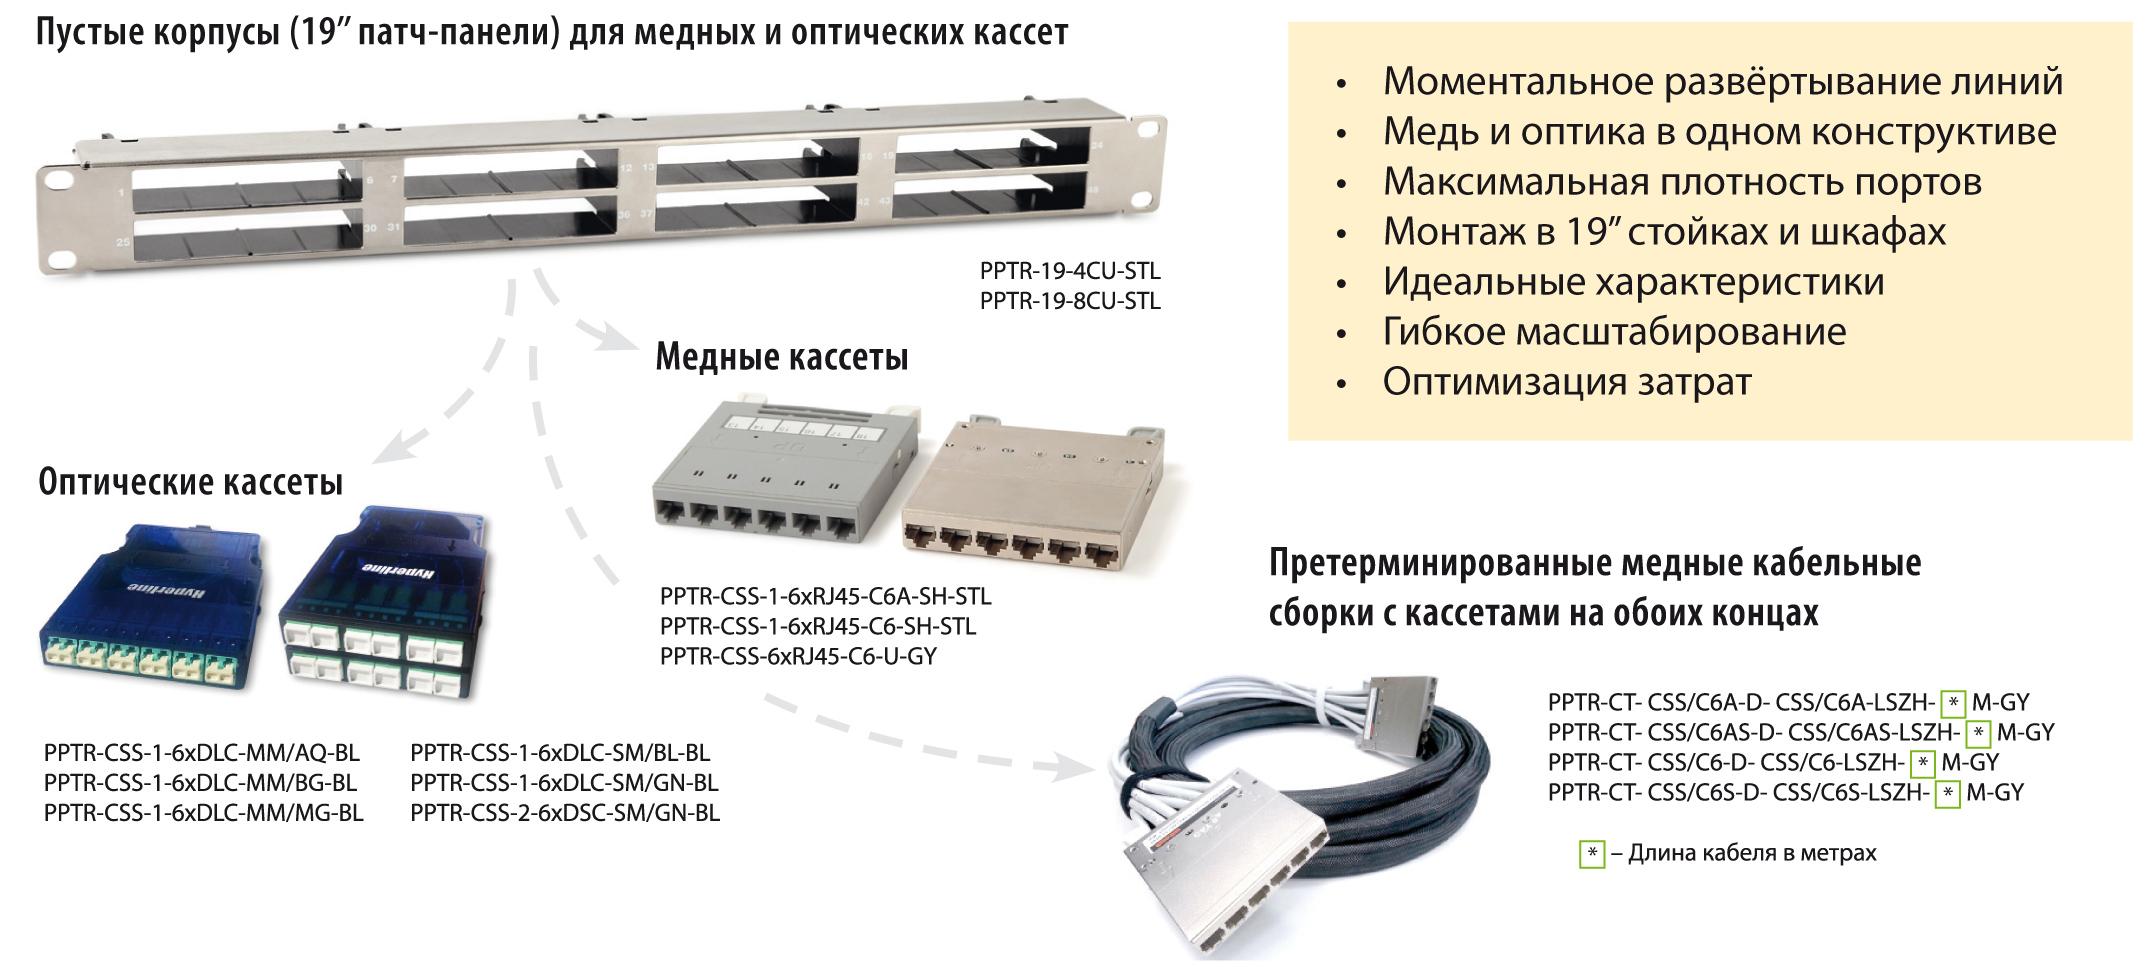 http://www.hyperline.ru/img/novosti/statya_sborki_s_kassetami.jpg